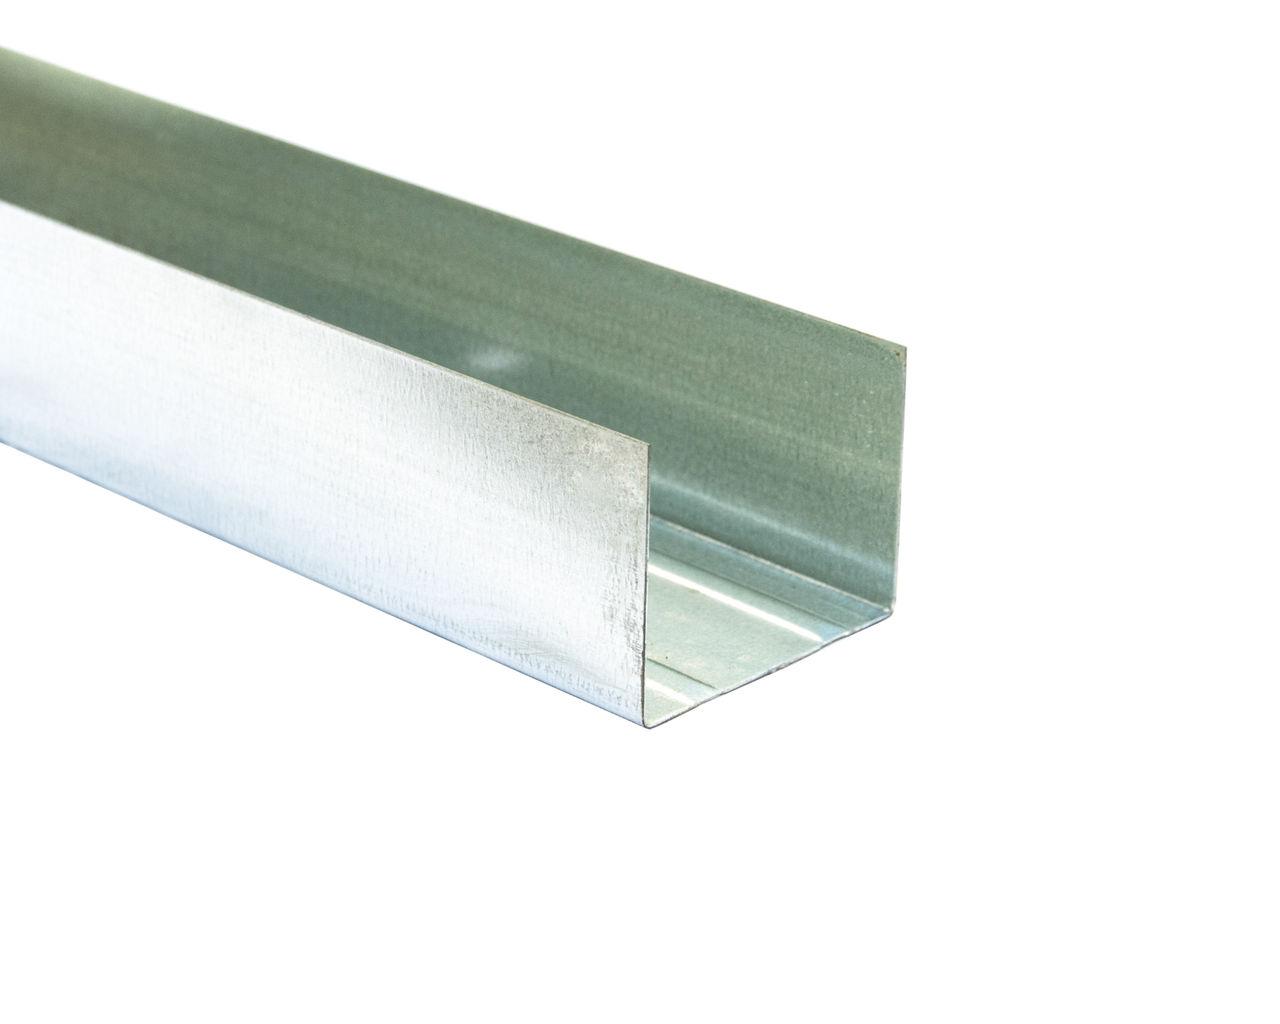 Профиль ПН-4 75х40 3м Албес, толщ. 0.45мм